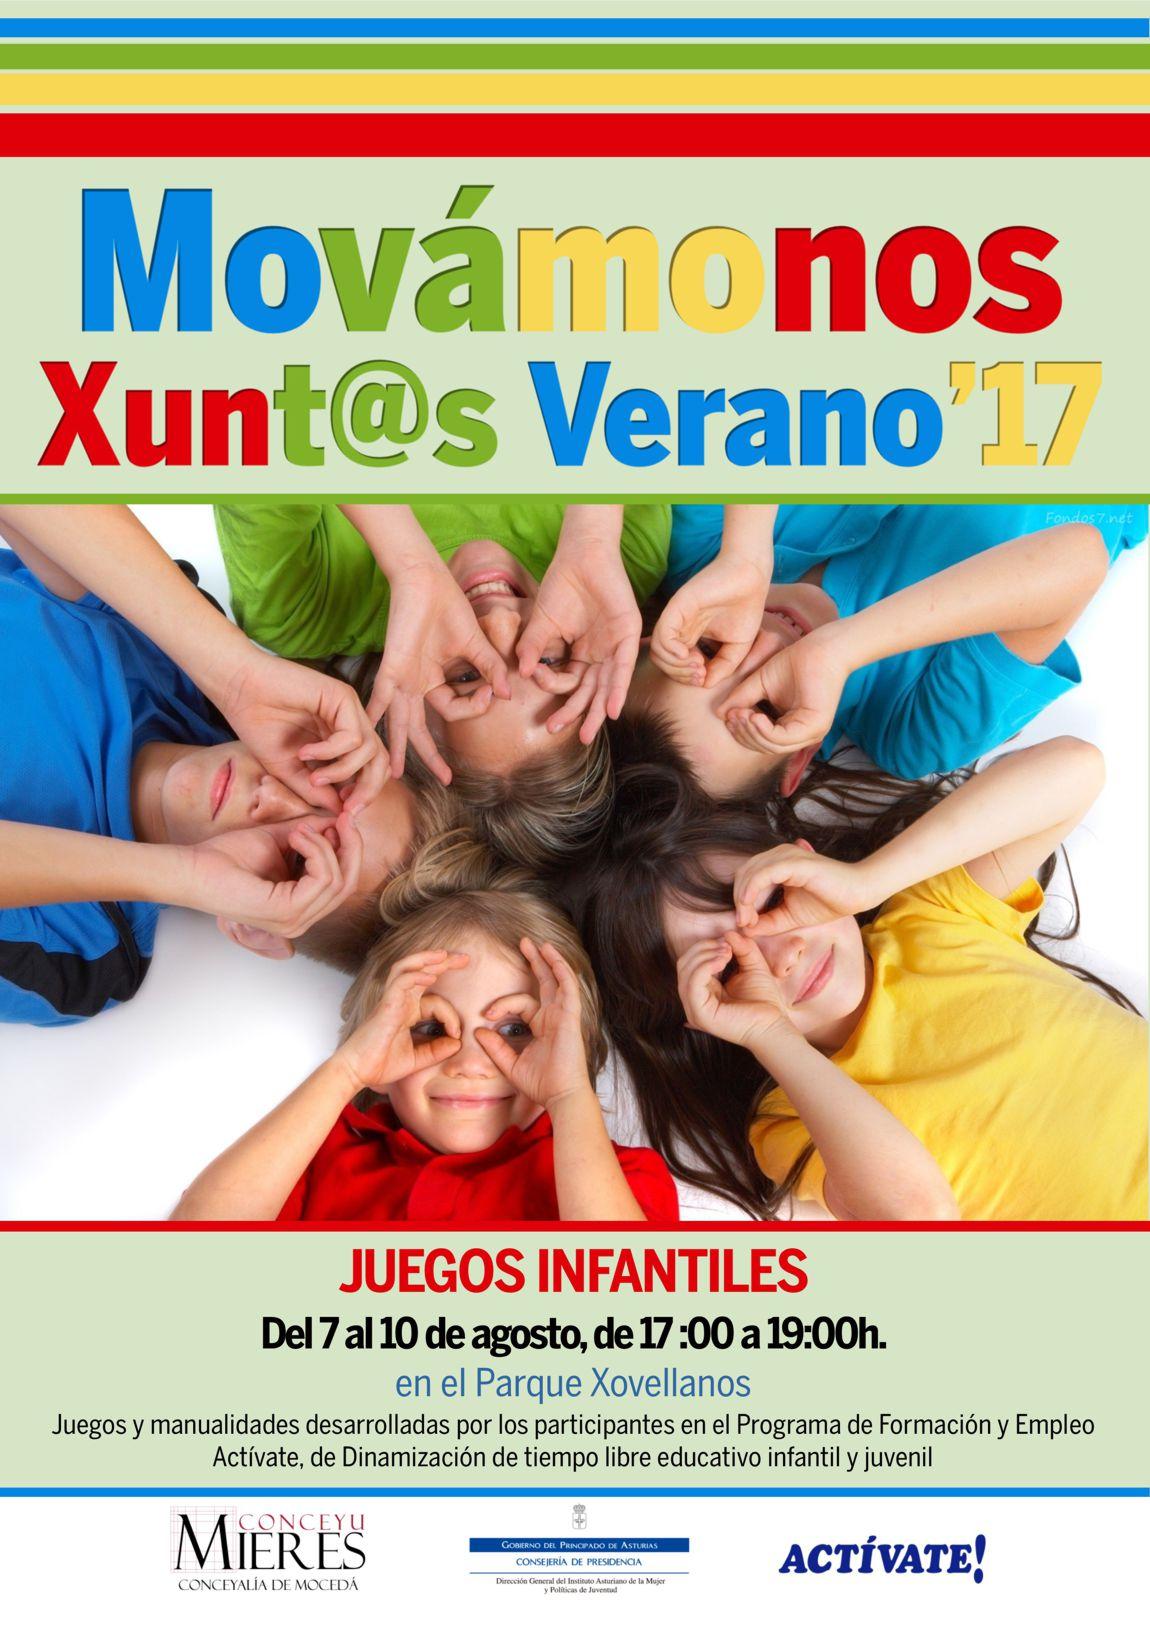 Cartel web Movamonos Xuntos verano 2017-Juegos Infantiles